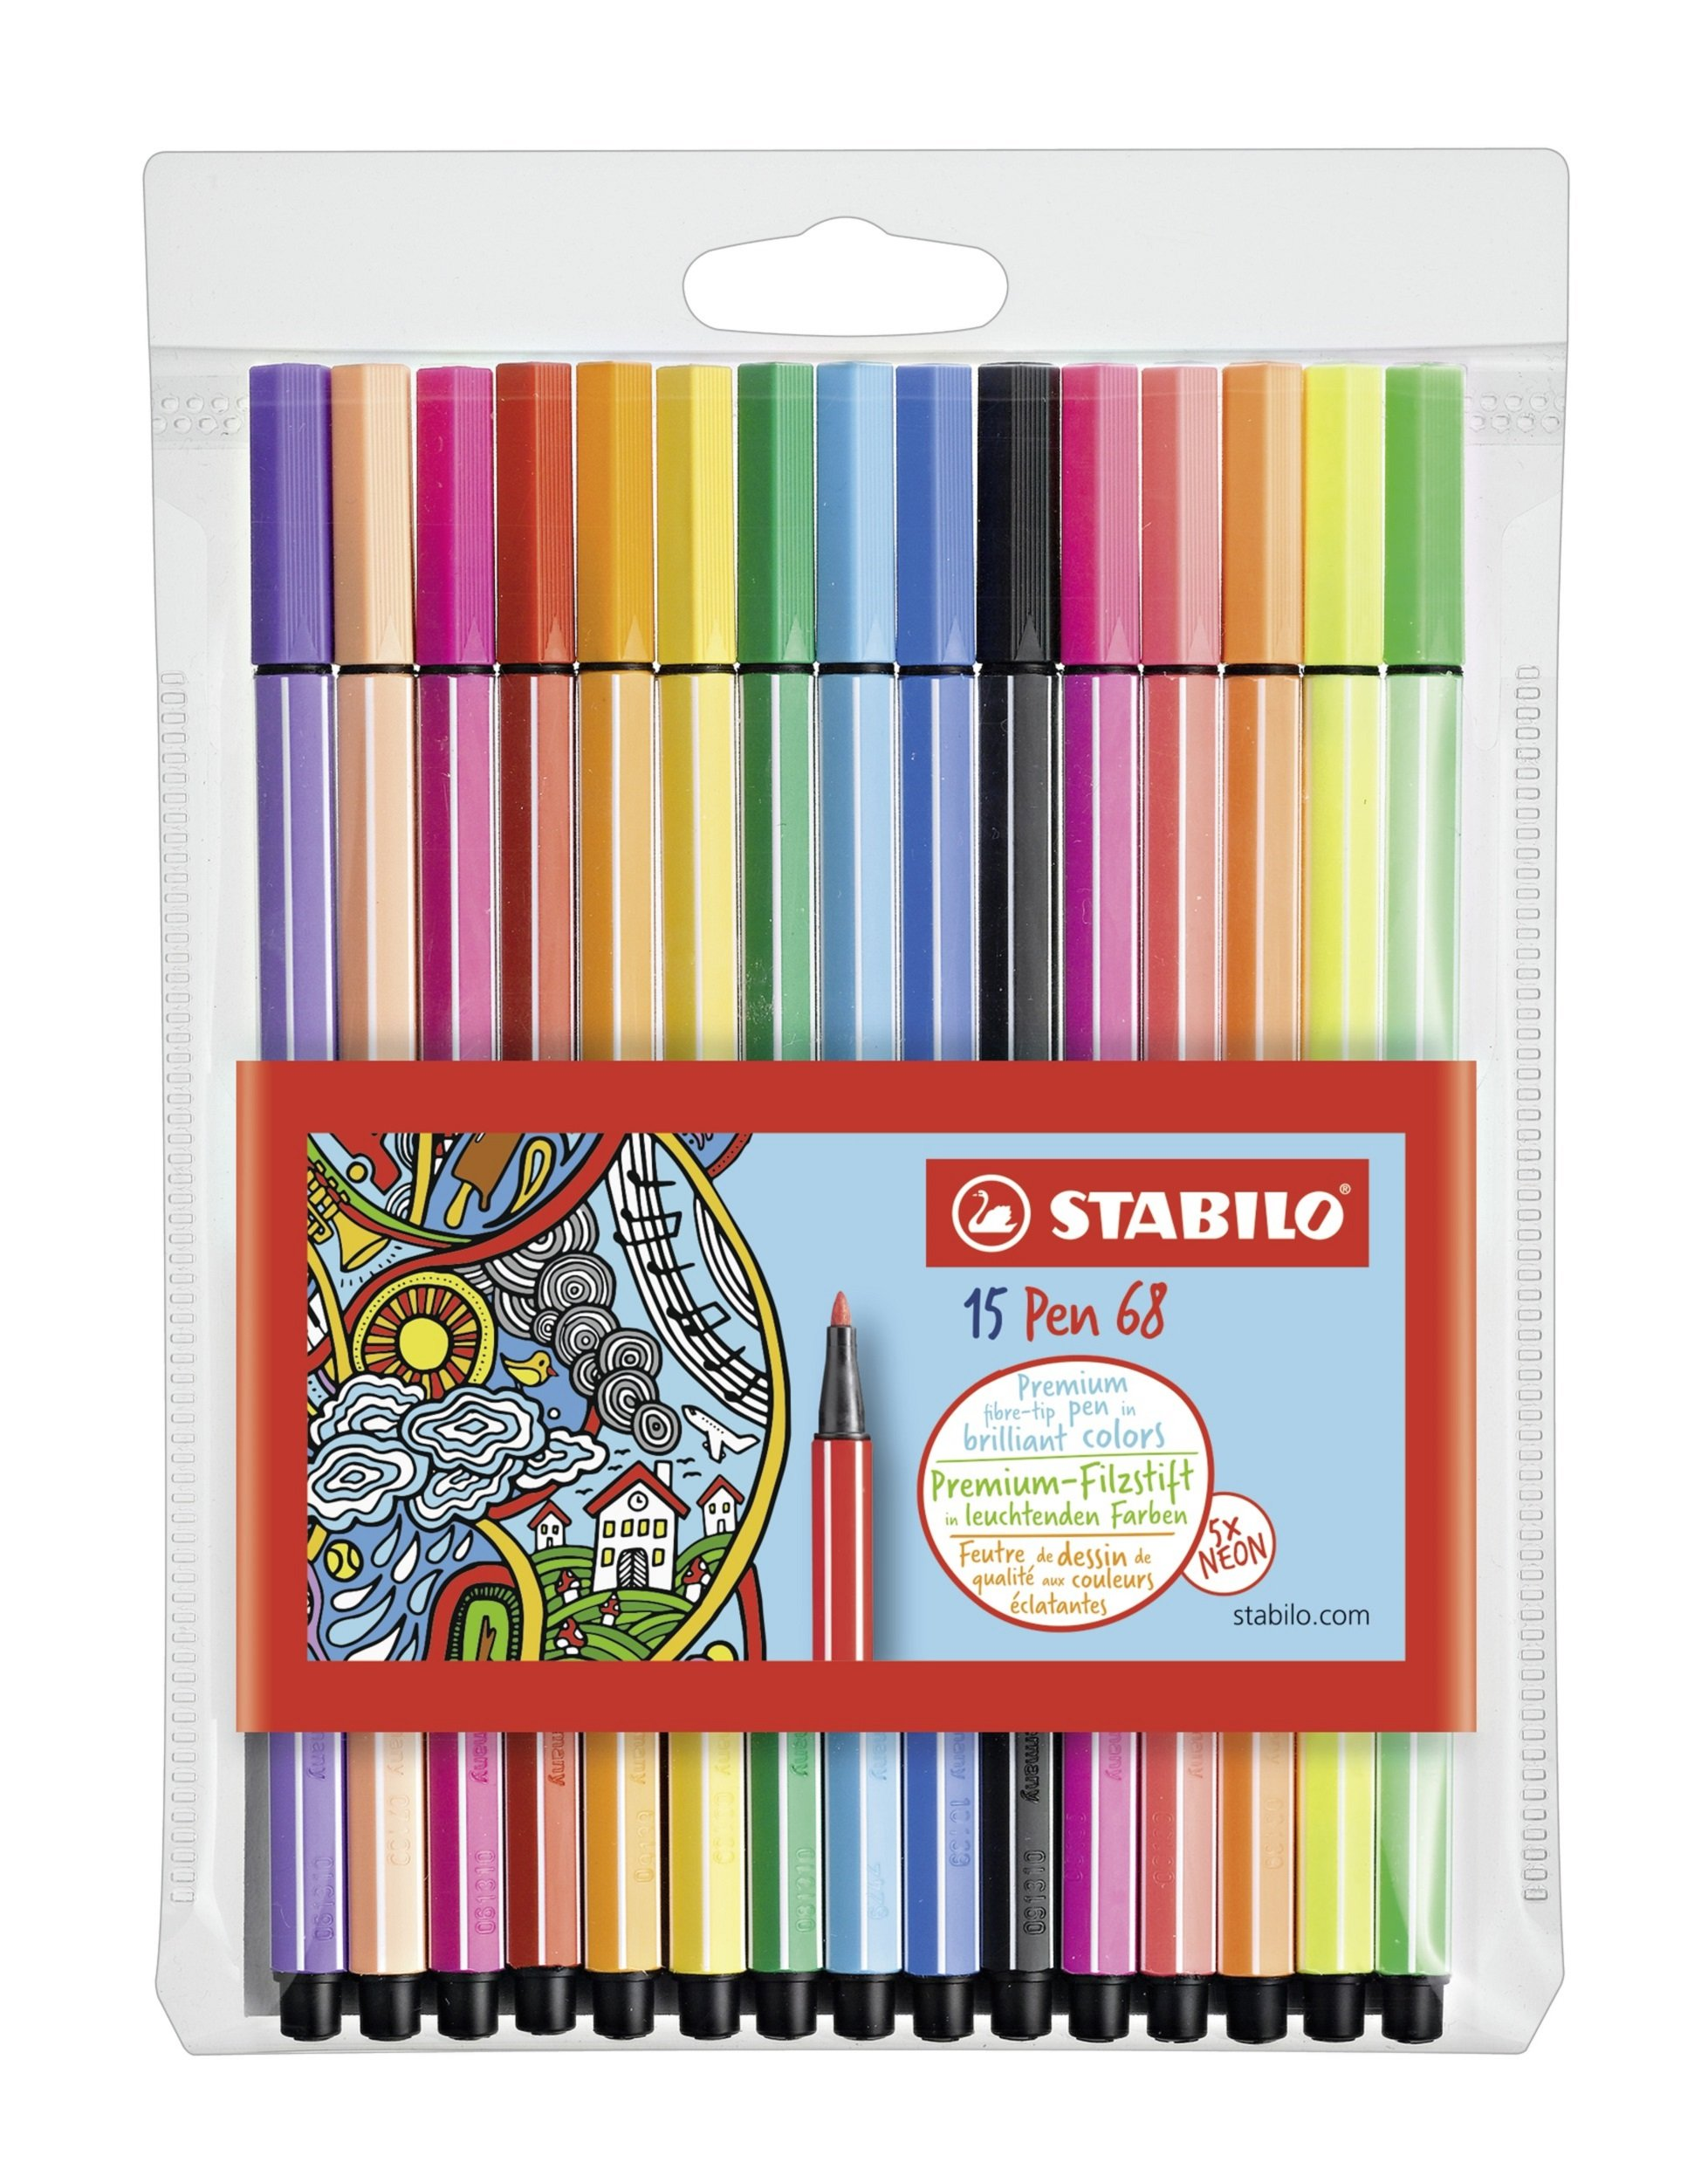 Stabilo Pen 68 Rotulador, Estuche con 15 colores surtidos, con 5 colores neón: Amazon.es: Oficina y papelería